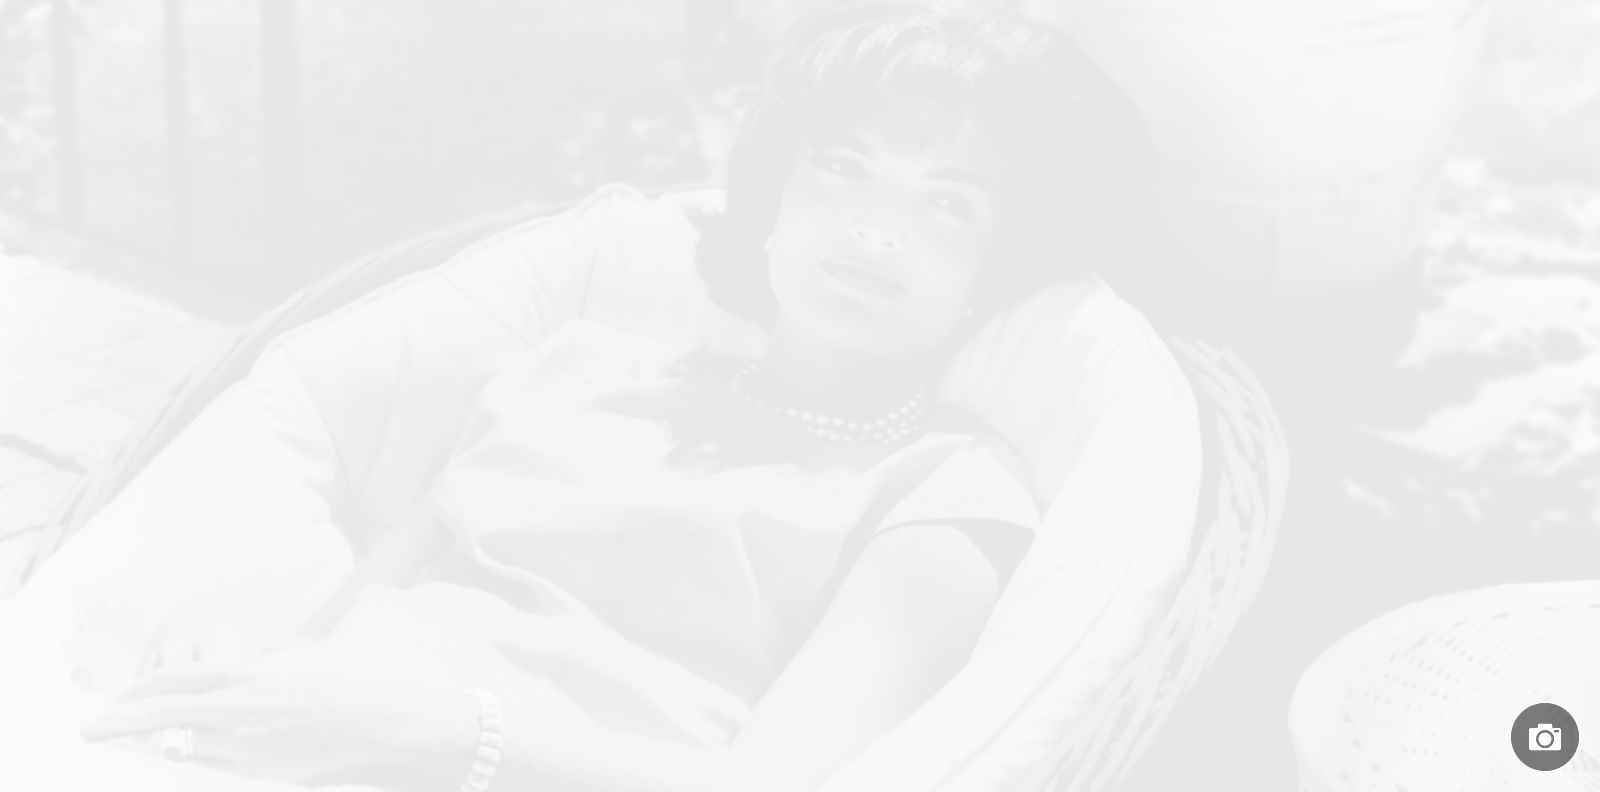 Джаки Кенеди в редки снимки на изложба в Париж